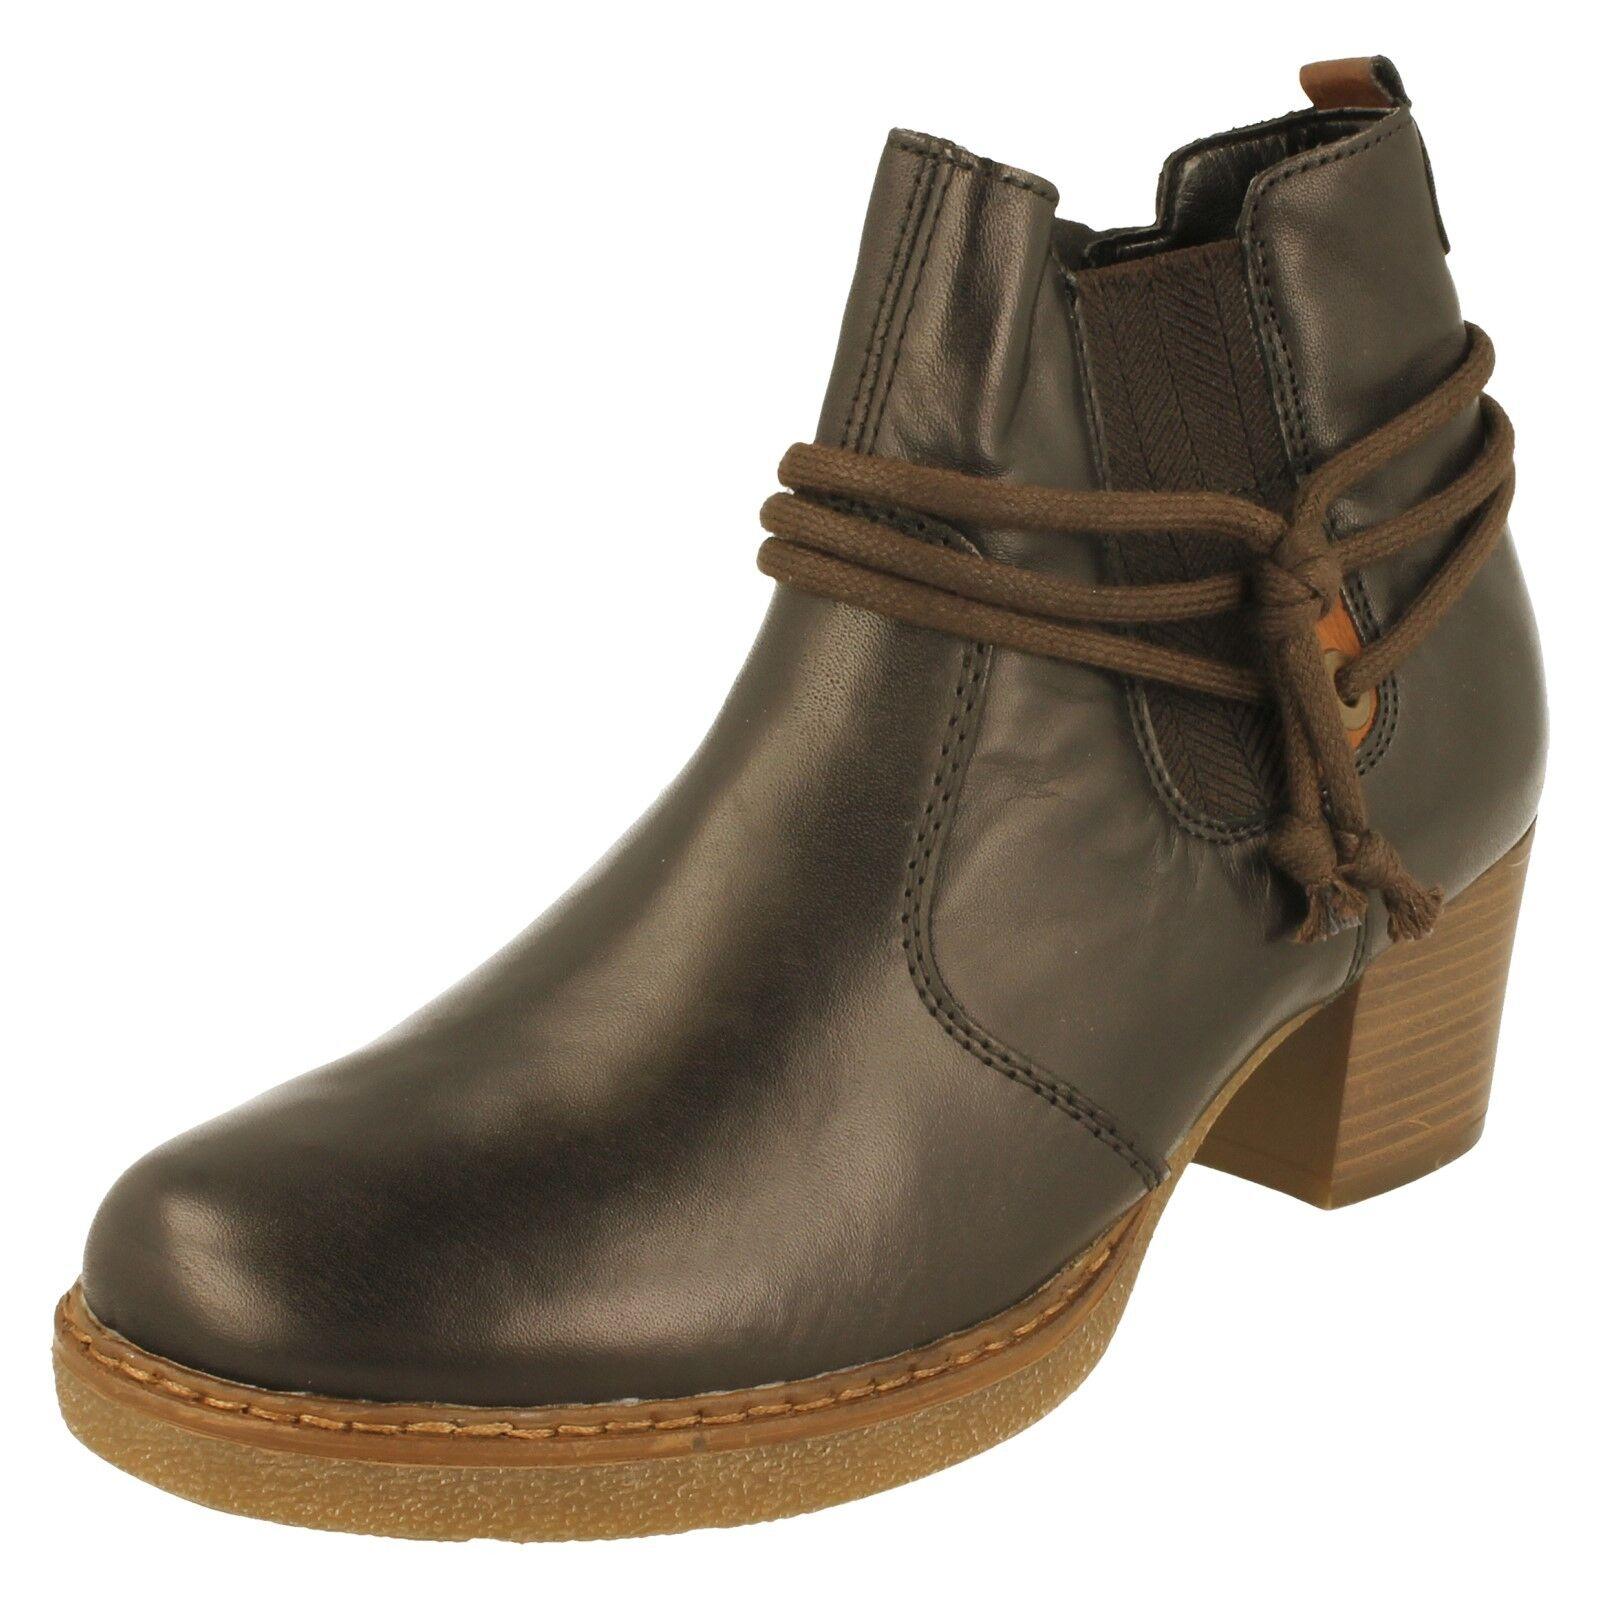 Mujer Remonte Remonte Remonte botas - d8173  barato en alta calidad